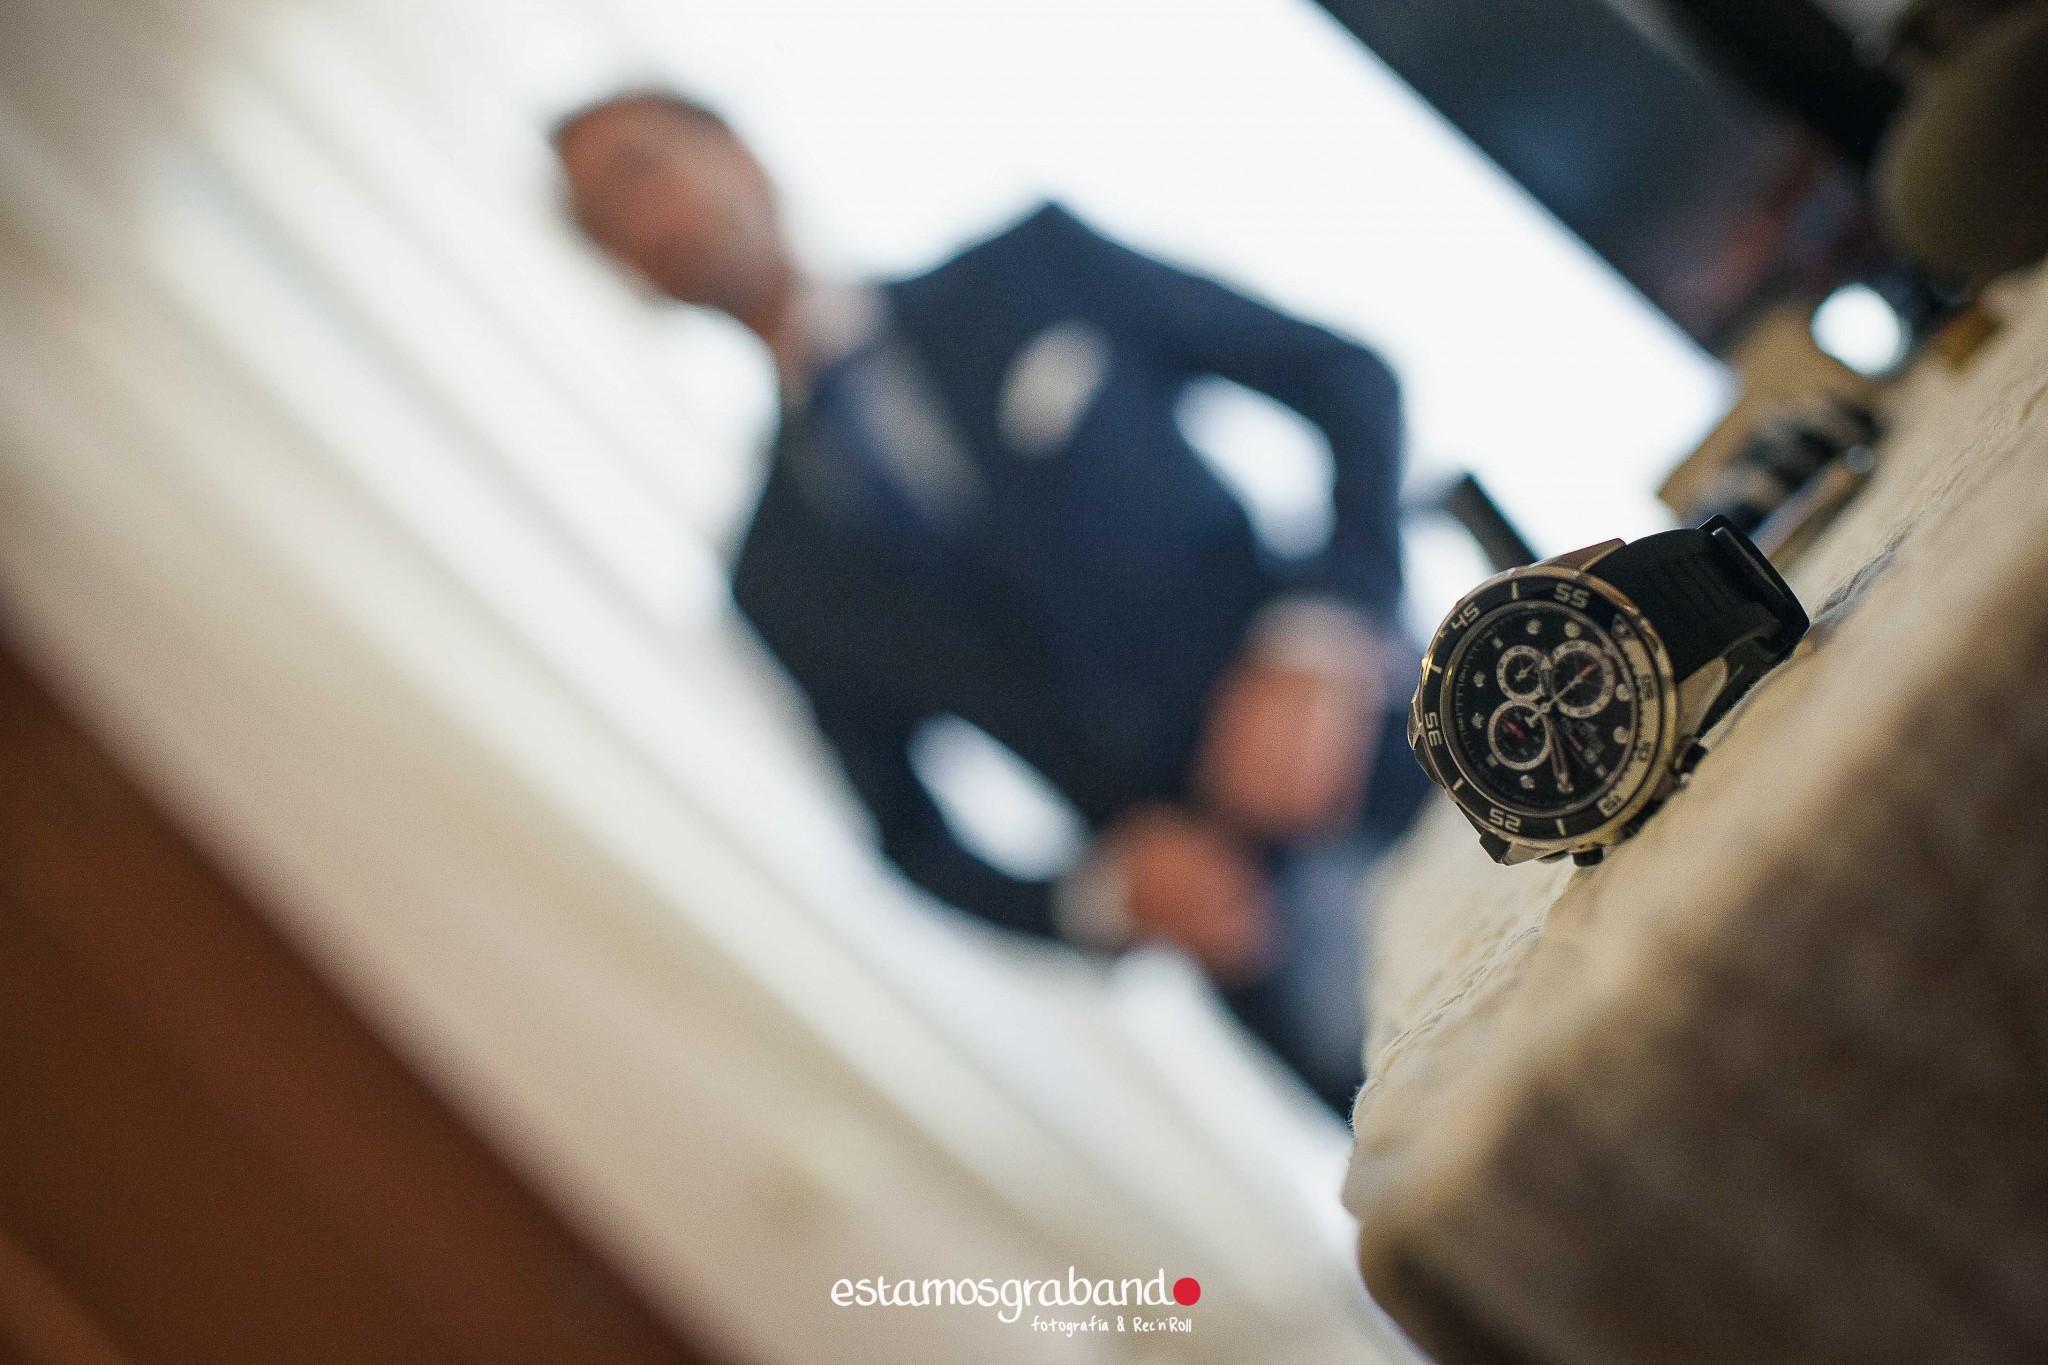 fotografo-de-bodas-jerez_mari-paz-jaime_bodegas-tradiciocc81n-7 32 escalones [Fotografía de bodas Jerez_Mari Paz & Jaime] - video boda cadiz